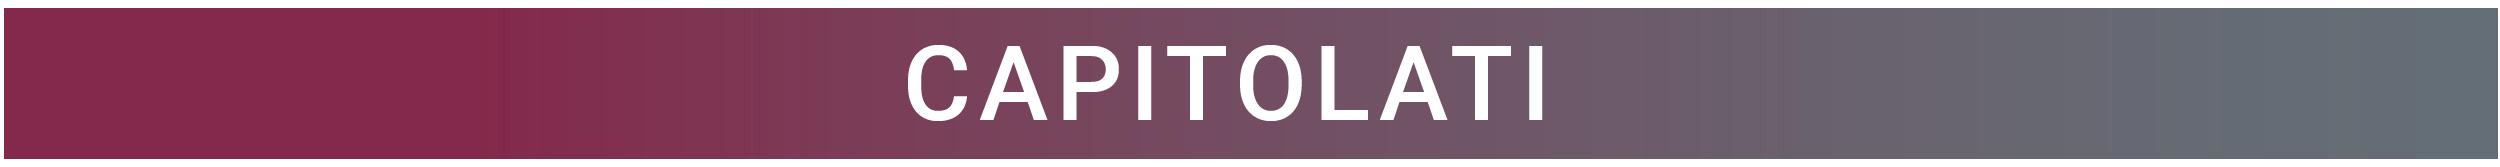 Capitolati